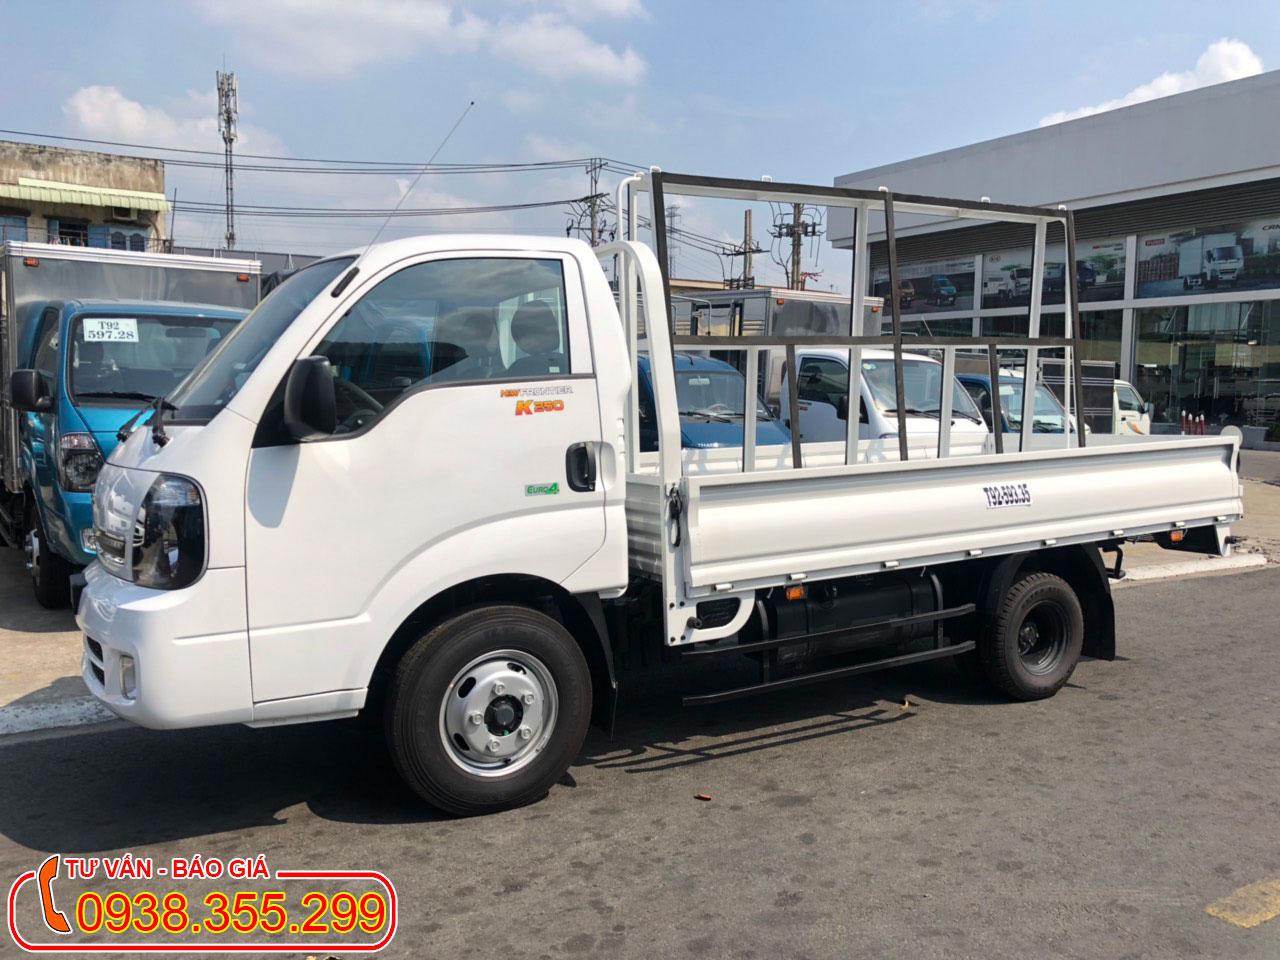 xe-tai-kia-k250-gia-cho-kin